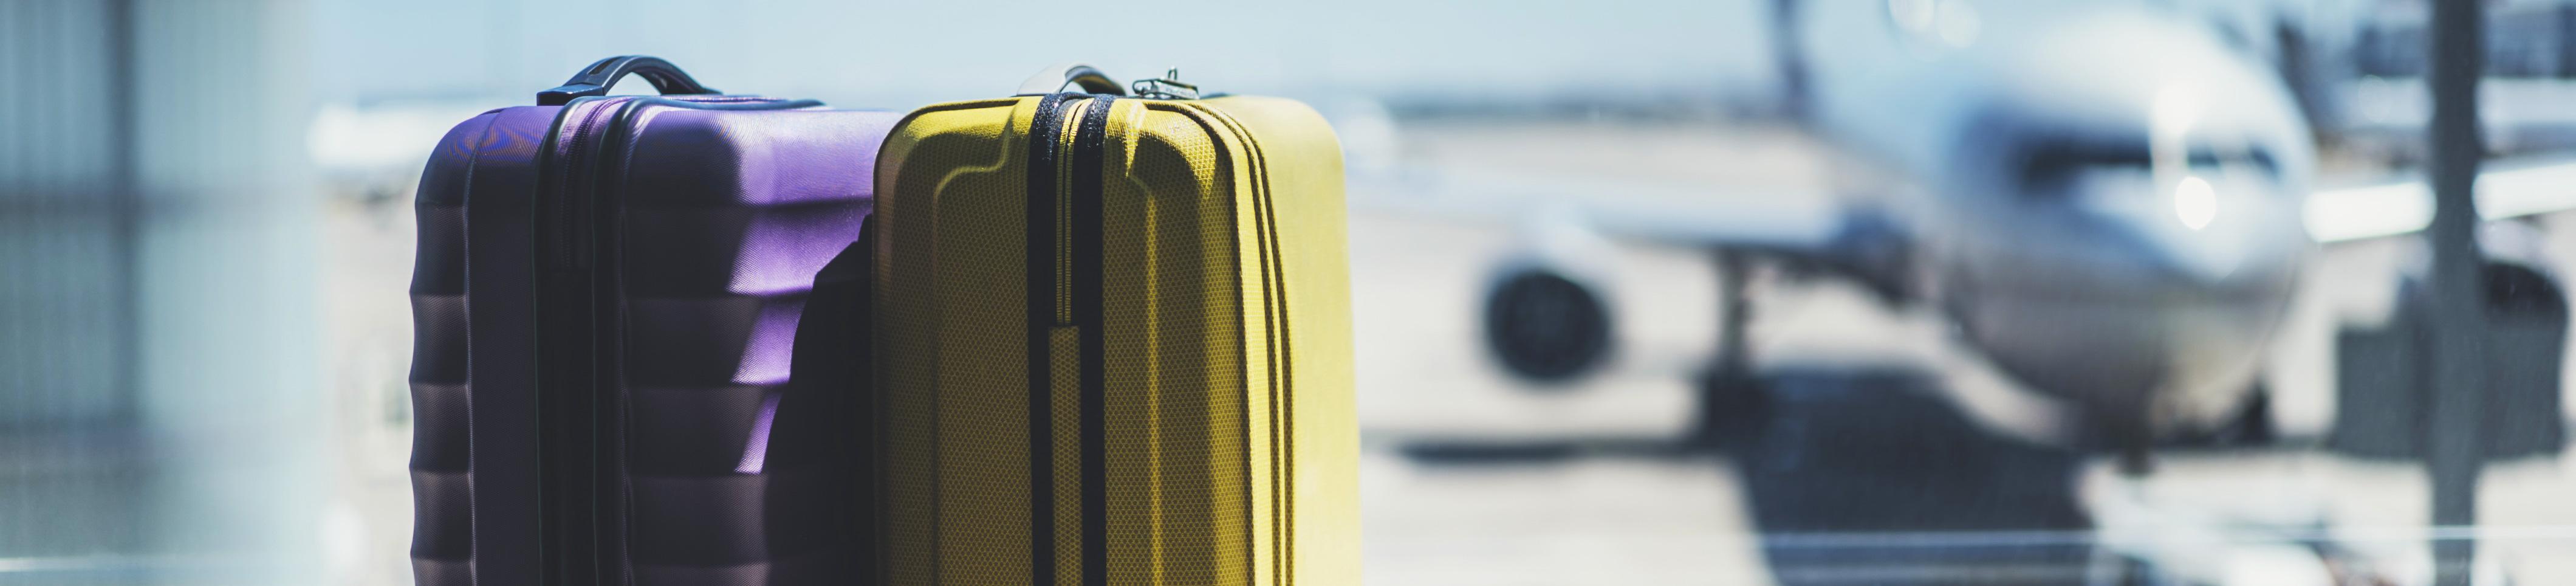 Conseils pratiques pour améliorer son expérience à l'aéroport au Brésil